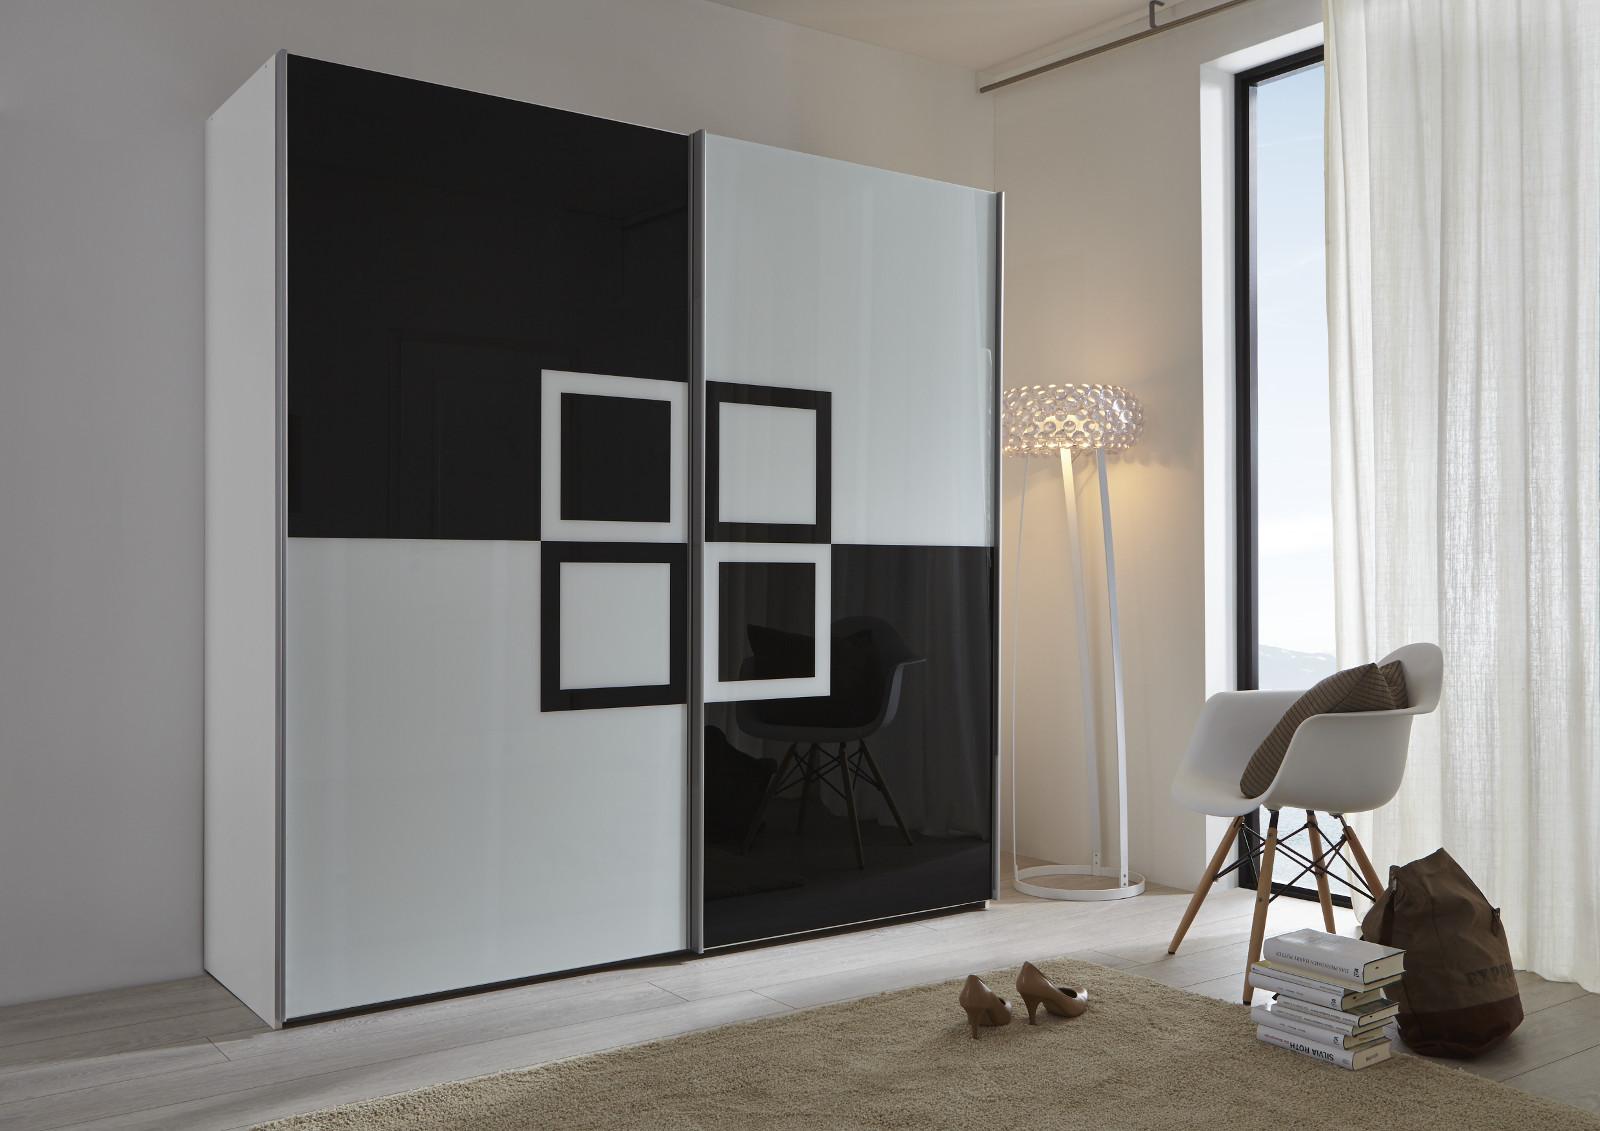 Kleiderschrank weiß schwarz hochglanz  Schwebetürenschrank Kleiderschrank weiß schwarz